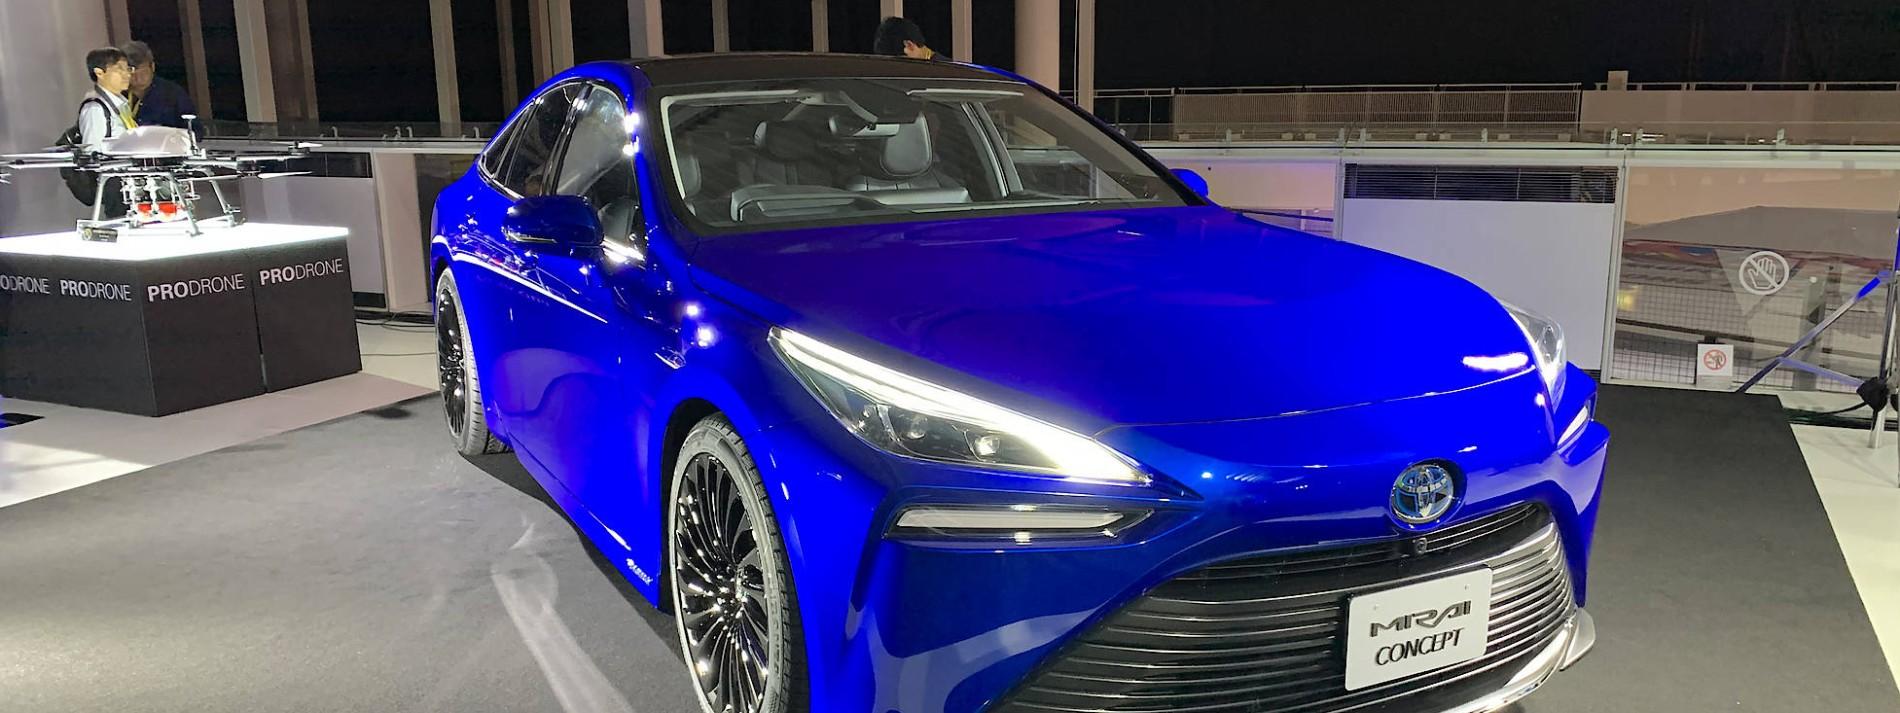 Toyotas Allergie gegen große Akkus